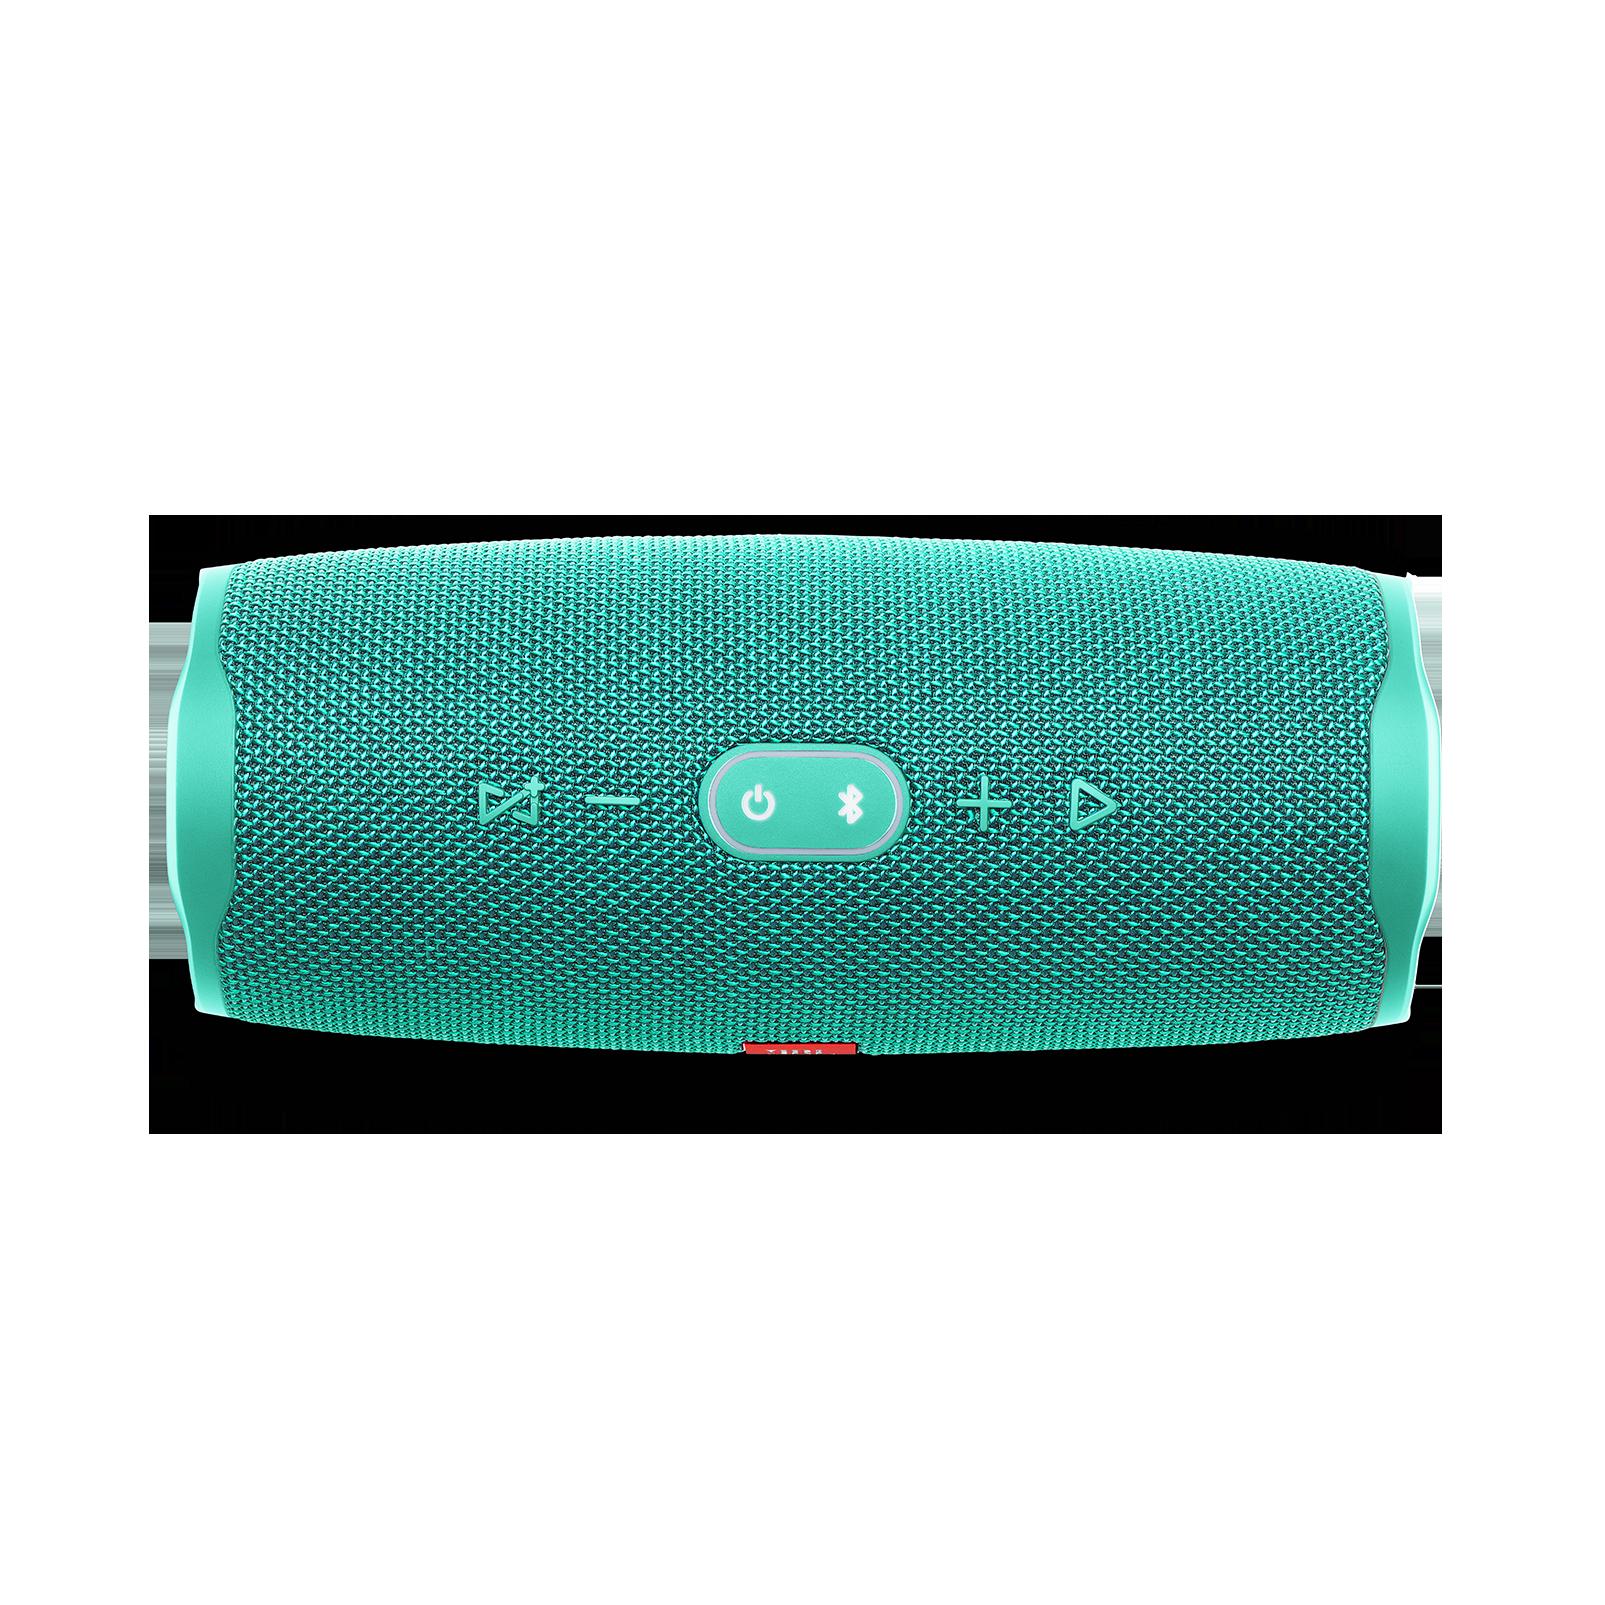 JBL Charge 4 - Teal - Portable Bluetooth speaker - Detailshot 1